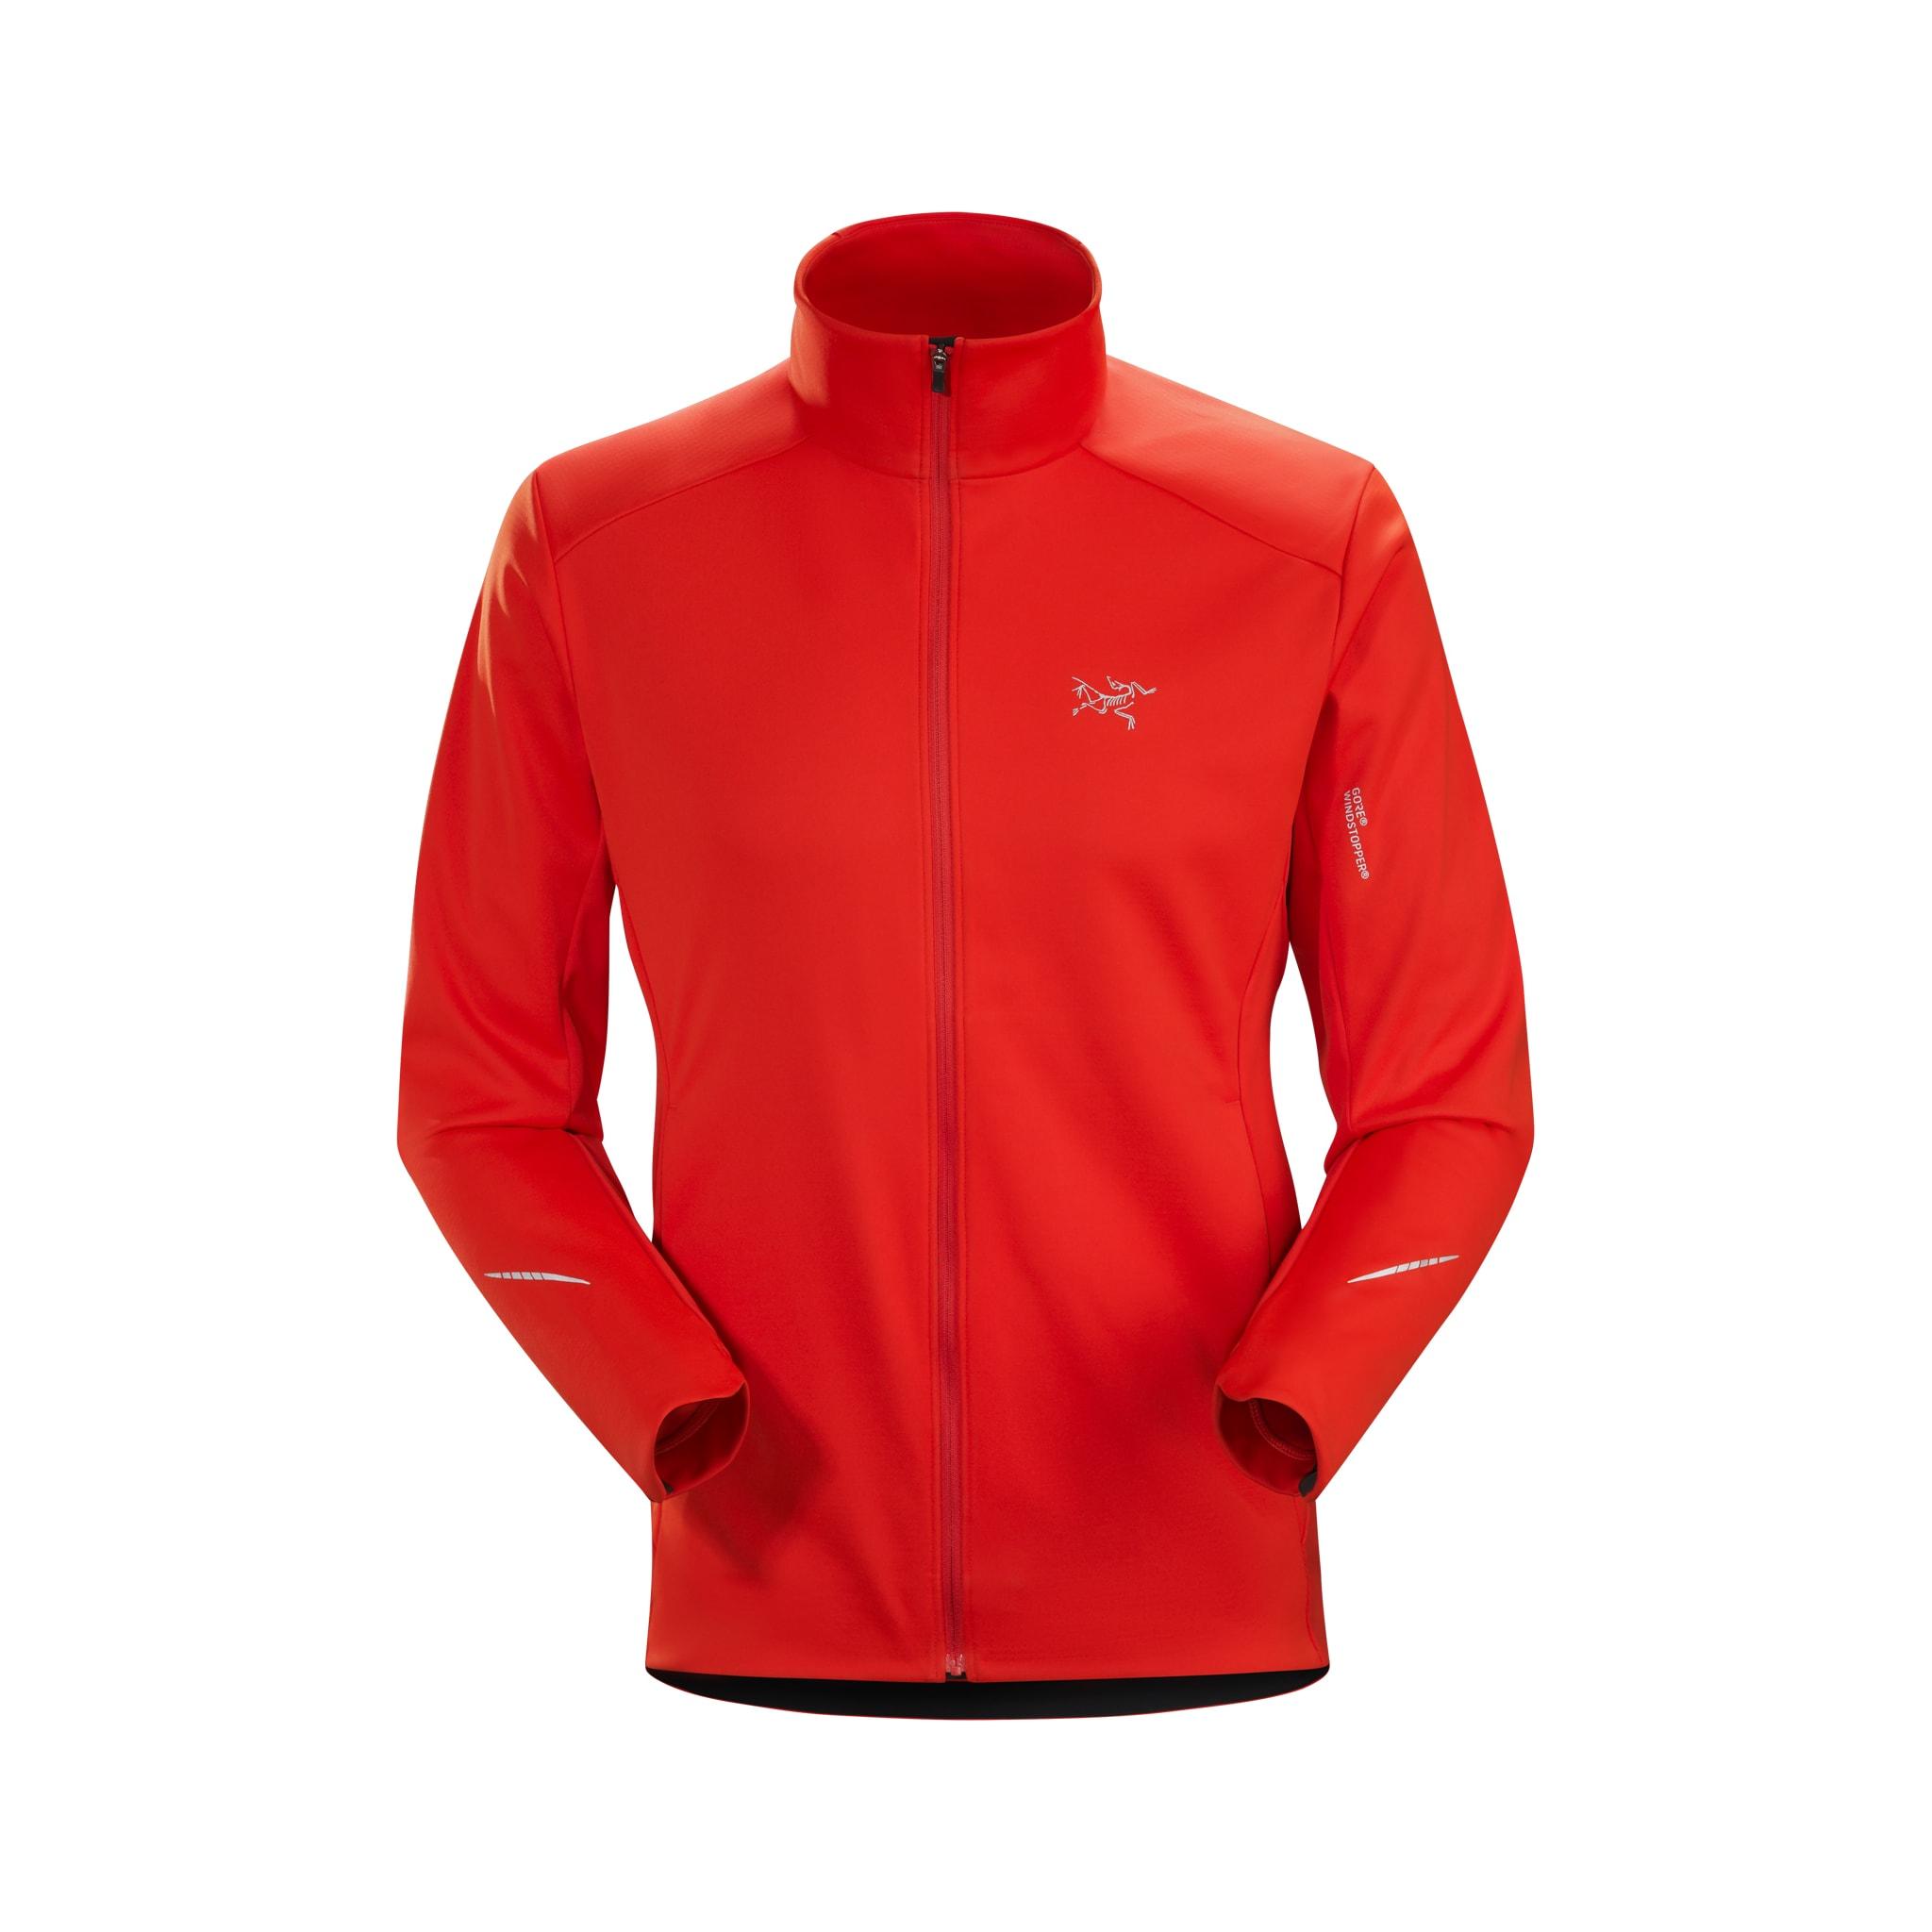 Treningsjakke som liker seg best når det er kaldt, vind og vått.